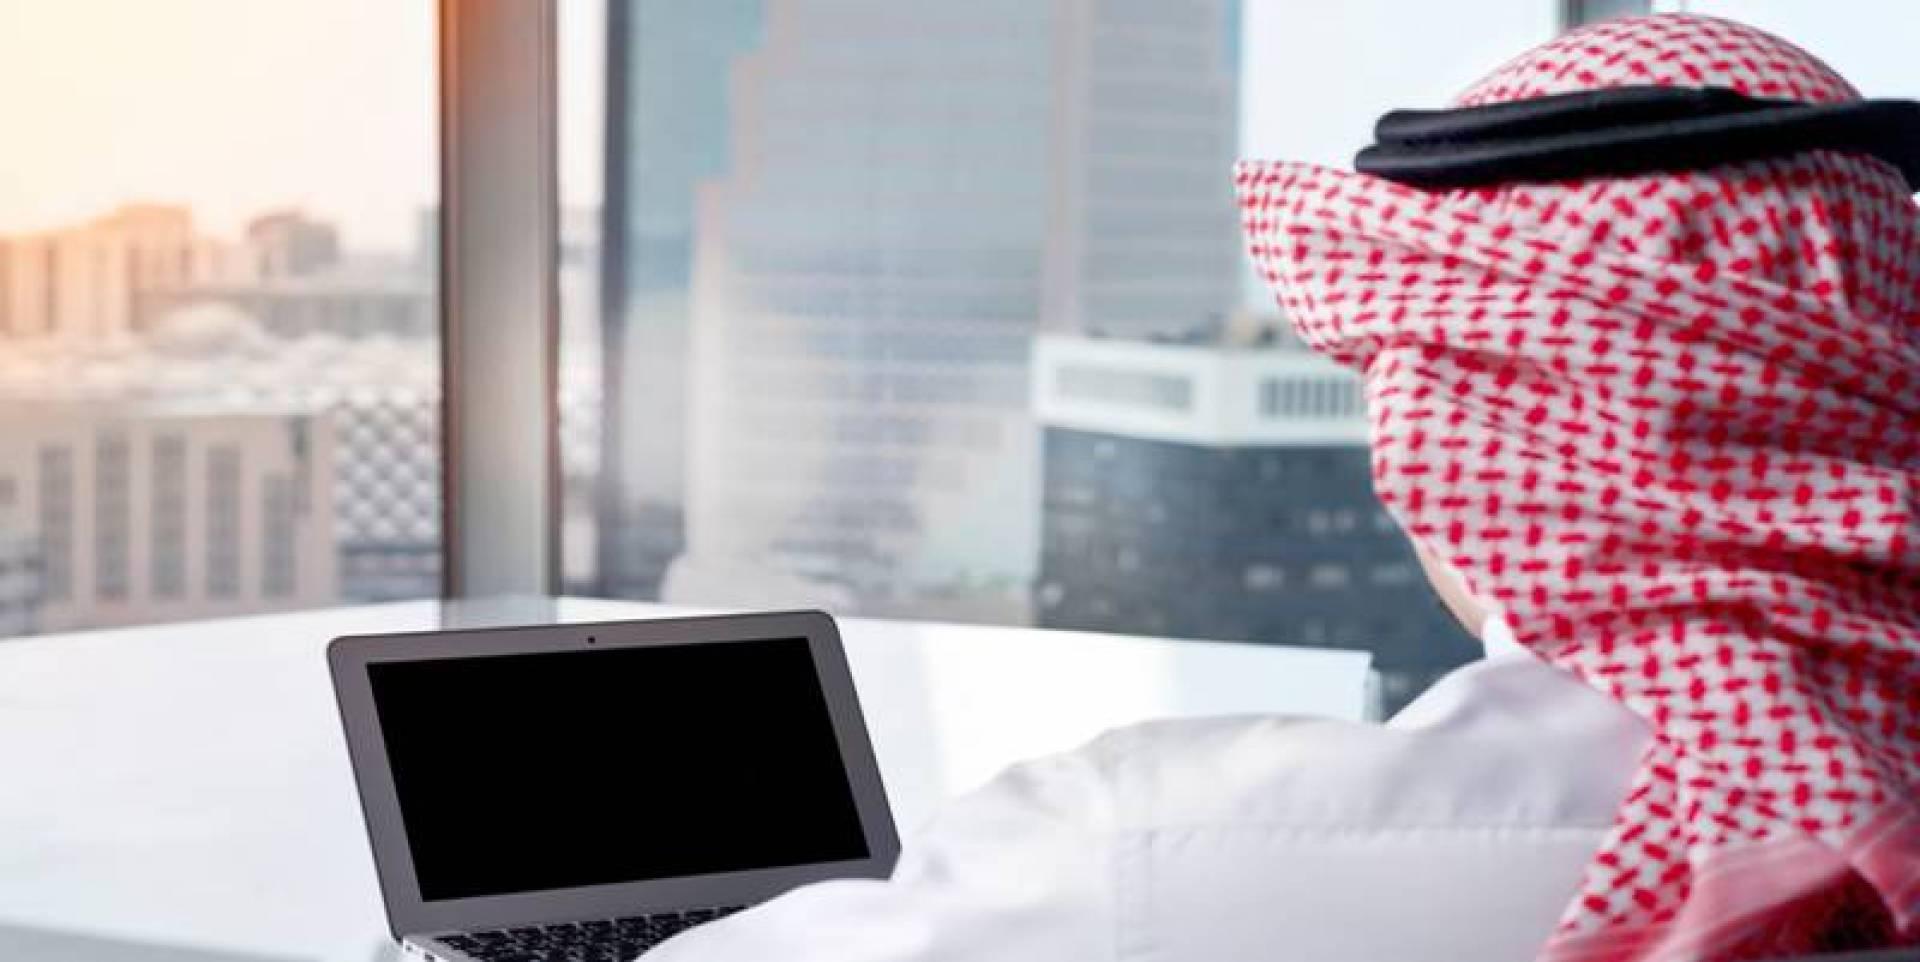 المهيني: غياب الهيكل الوظيفي للشركات.. يمنع جذب الكويتيين إلى «الخاص»!